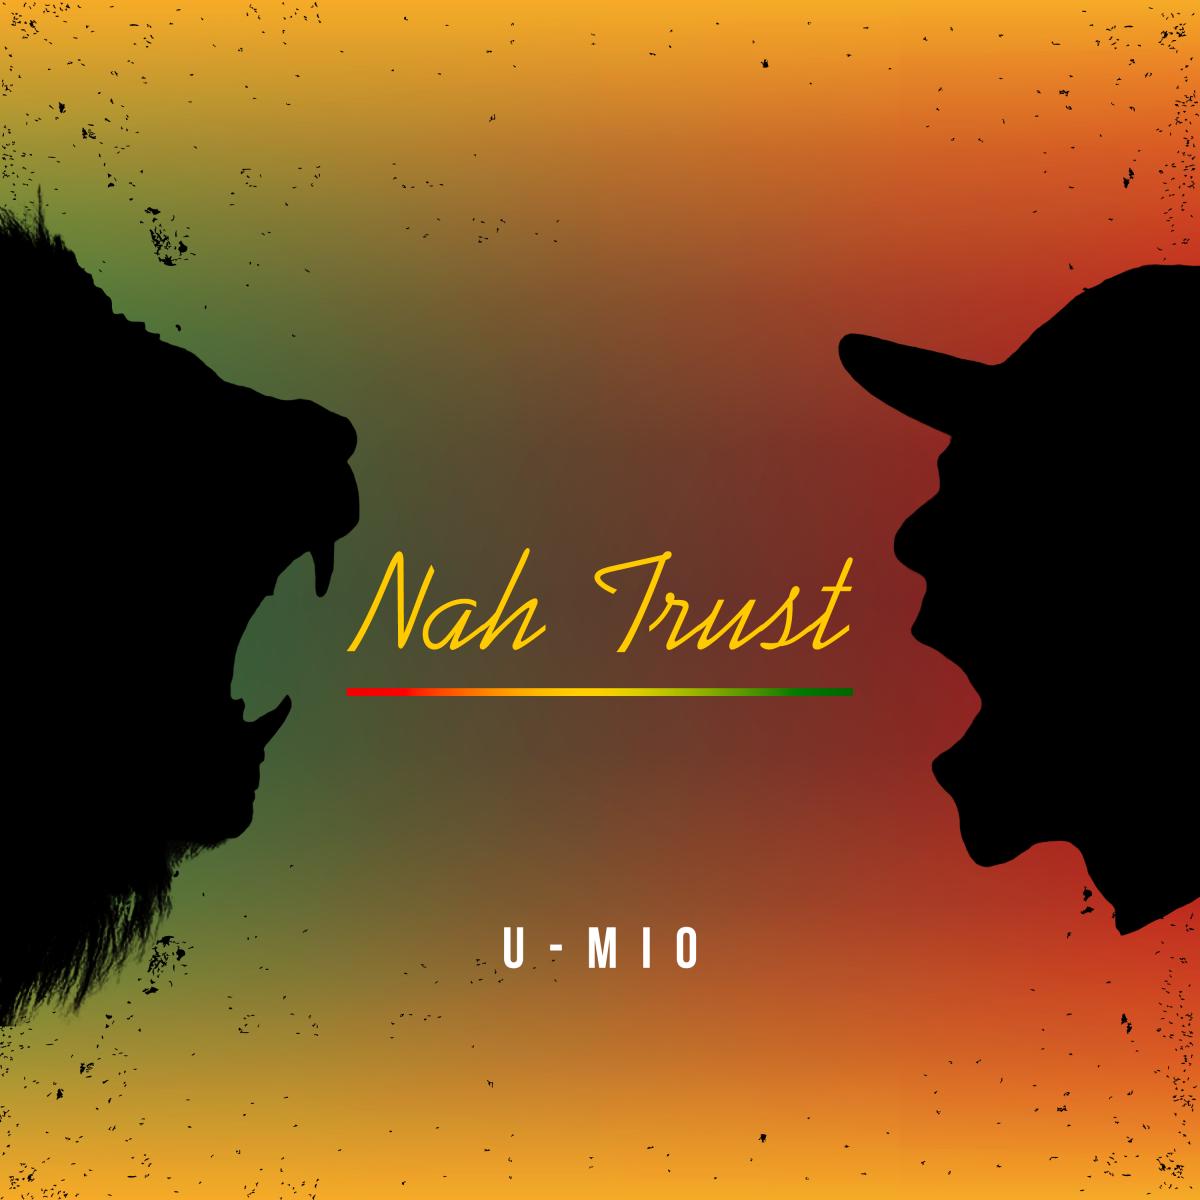 4月1日から配信されるU-MIOさんの新曲「Nah Trust」のCDジャケット